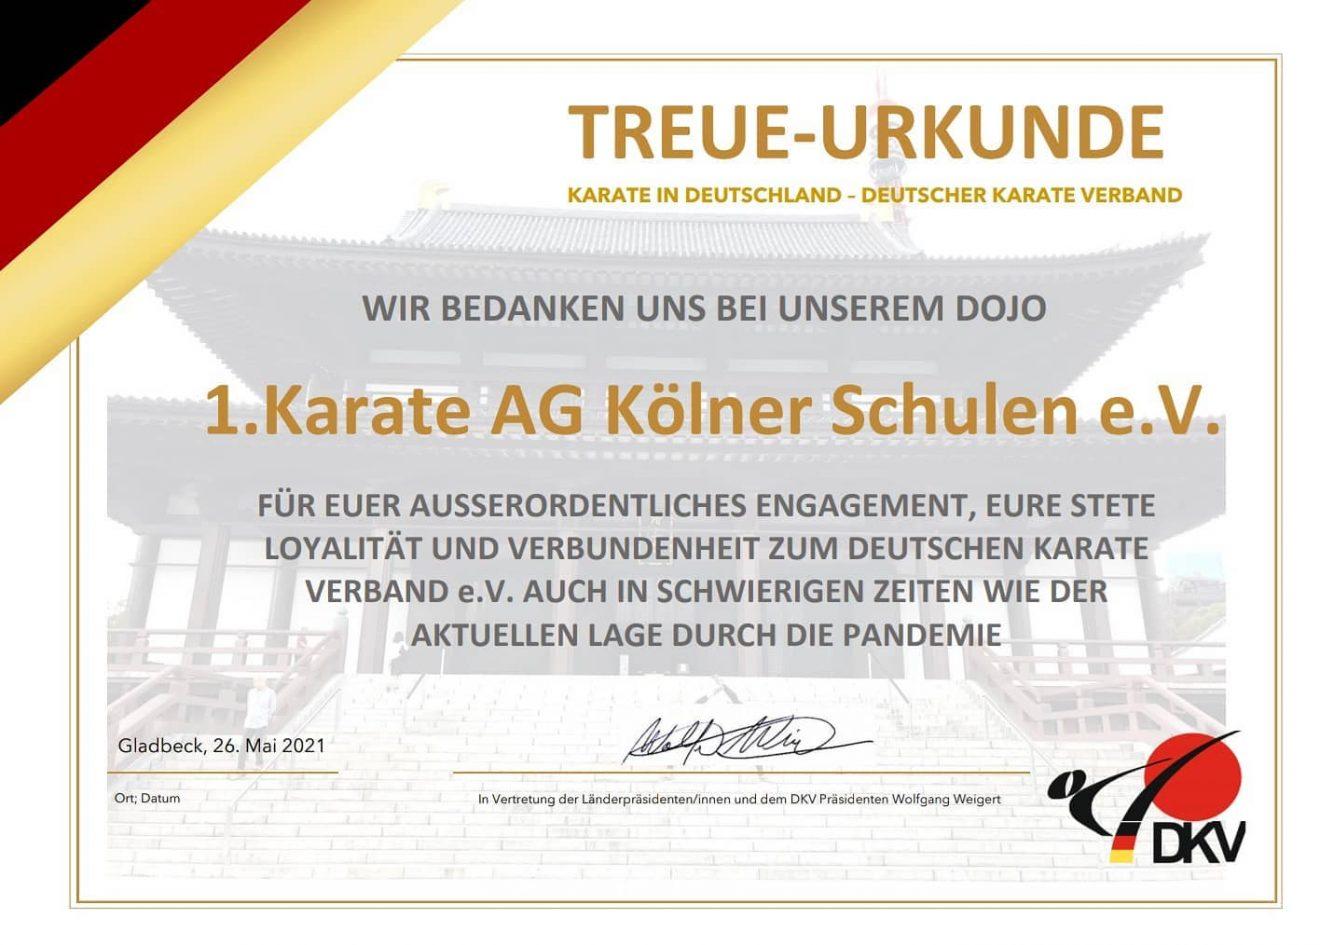 Treue-Urkunde des DKV für die Vereine